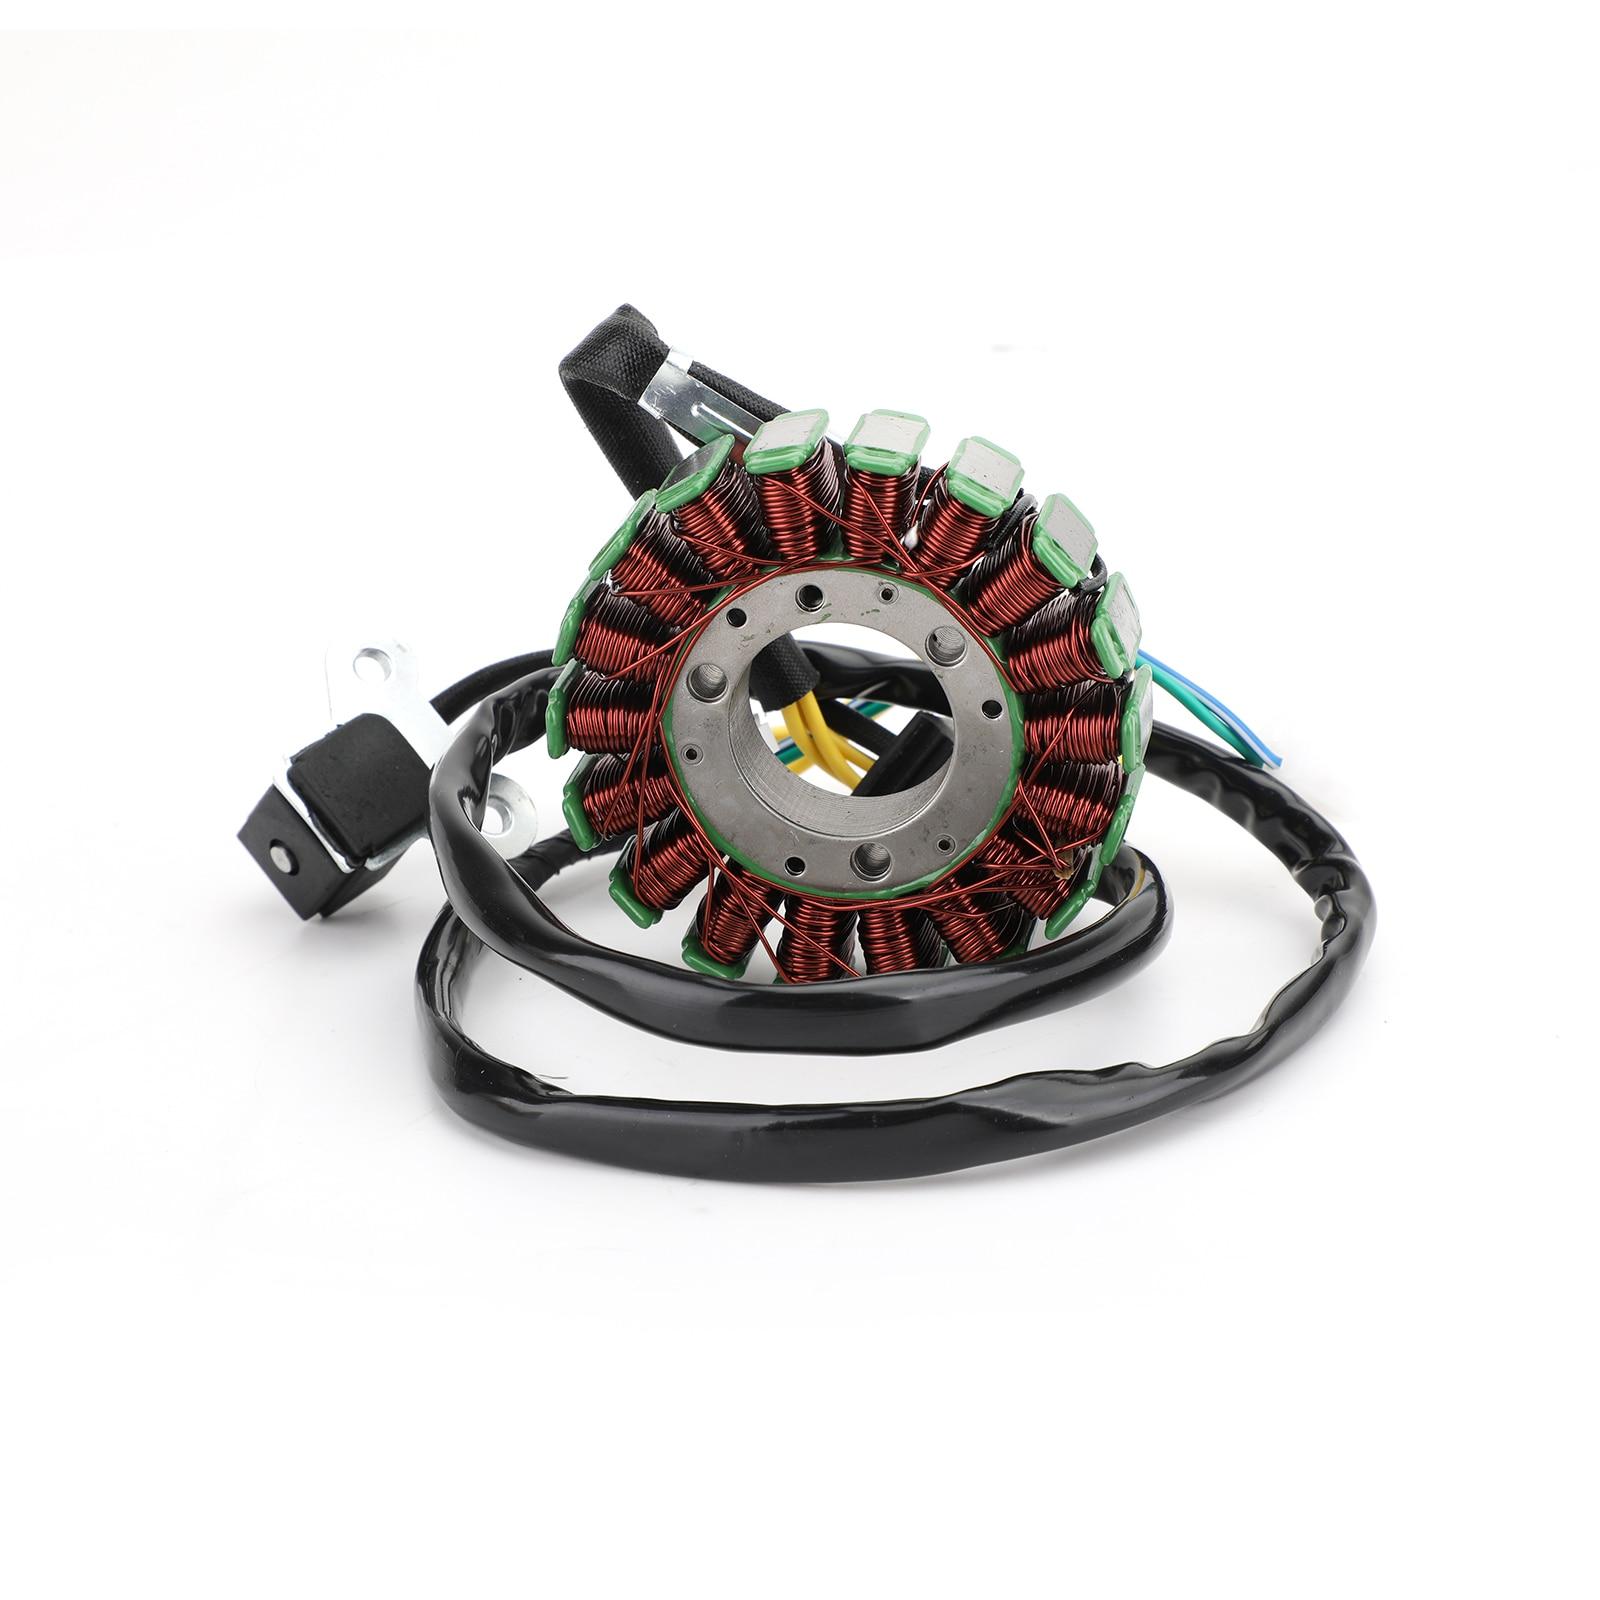 Areyourshop pour SYM GTS 125 LM12W Joymax 125 LN12W GTS 200 LM18W générateur magnéto Stator bobine moto accessoires